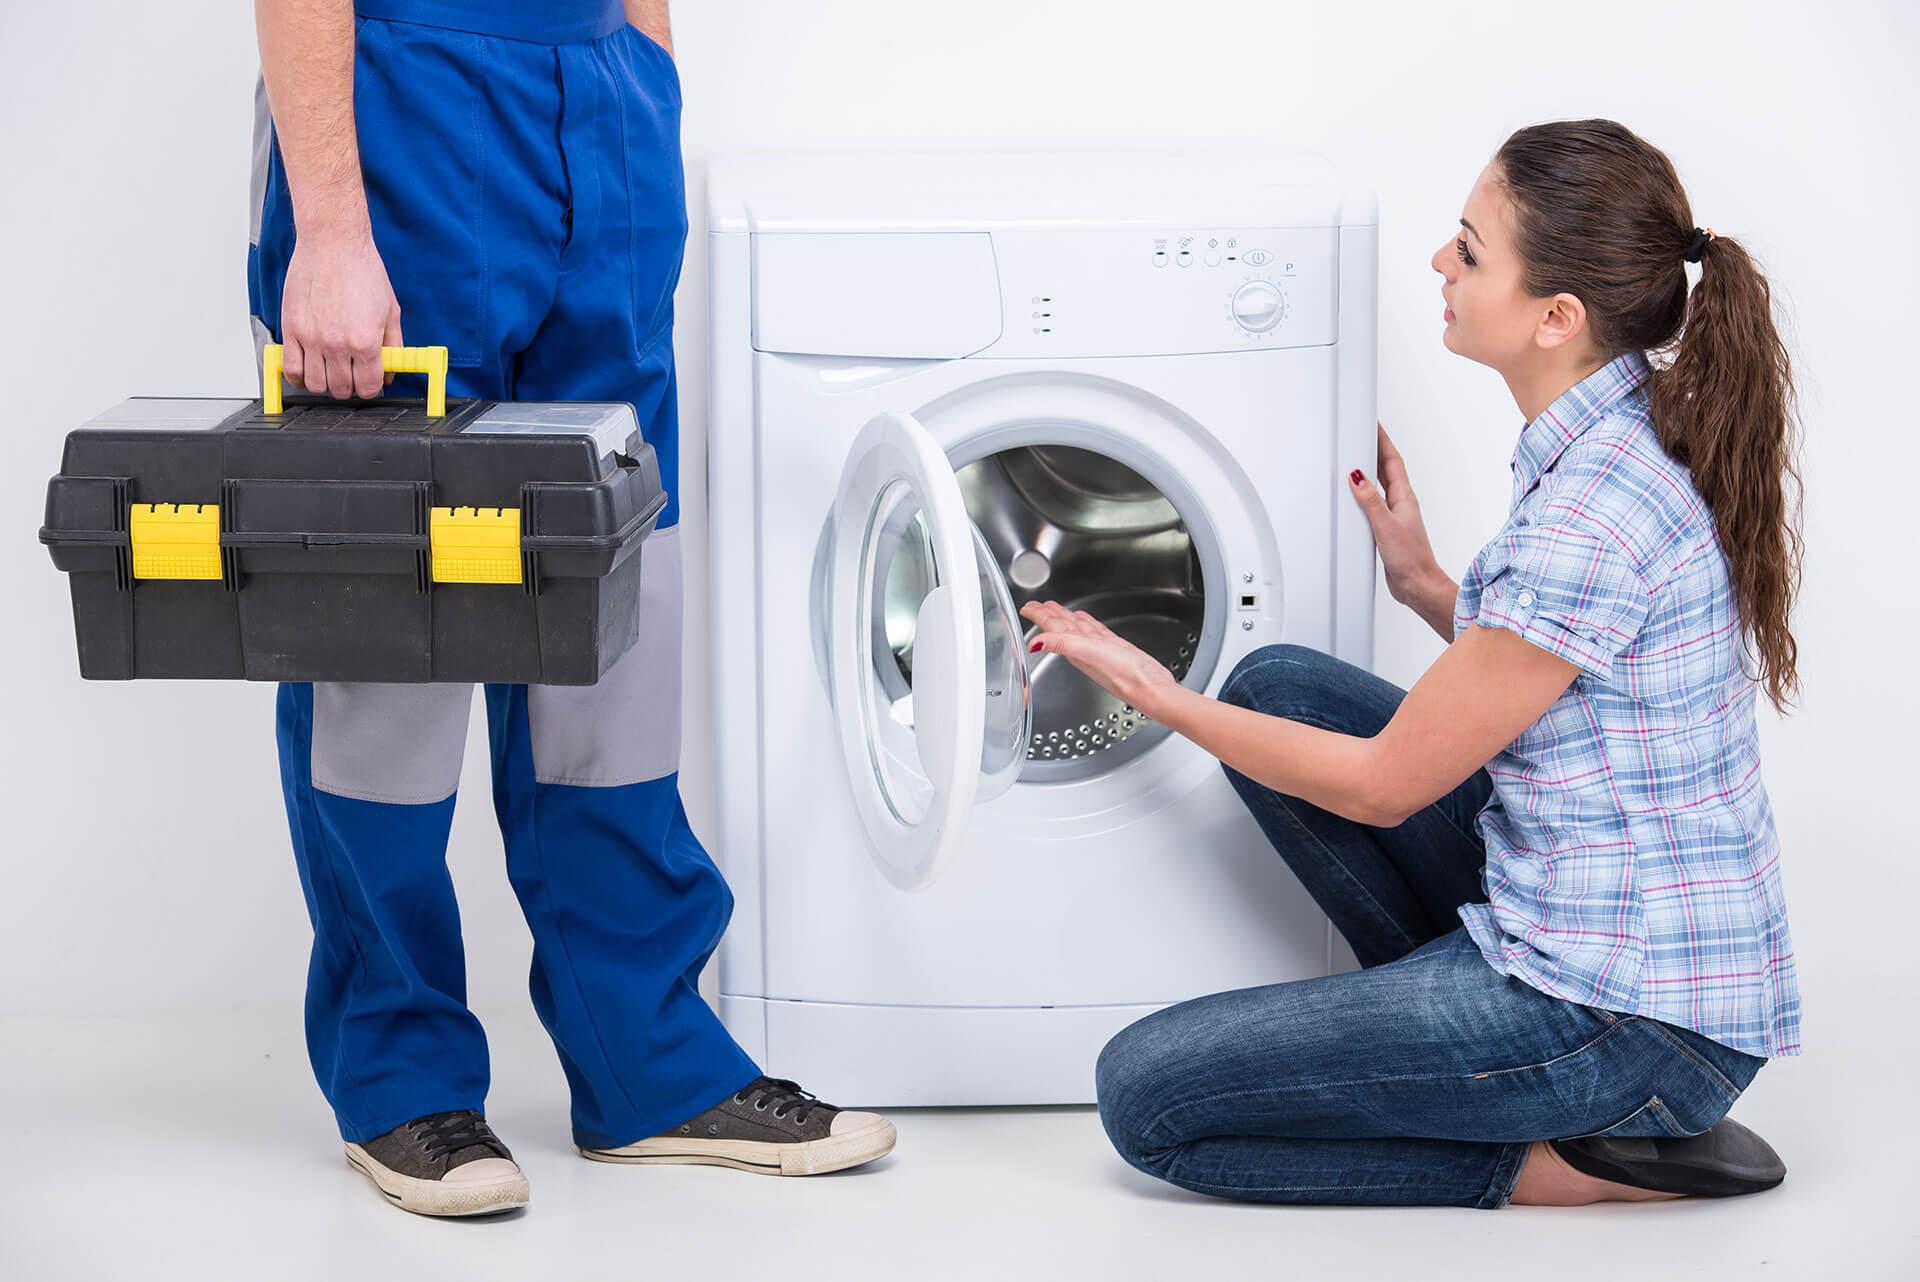 İndesit Çamaşır Makinesi F01 Hatası